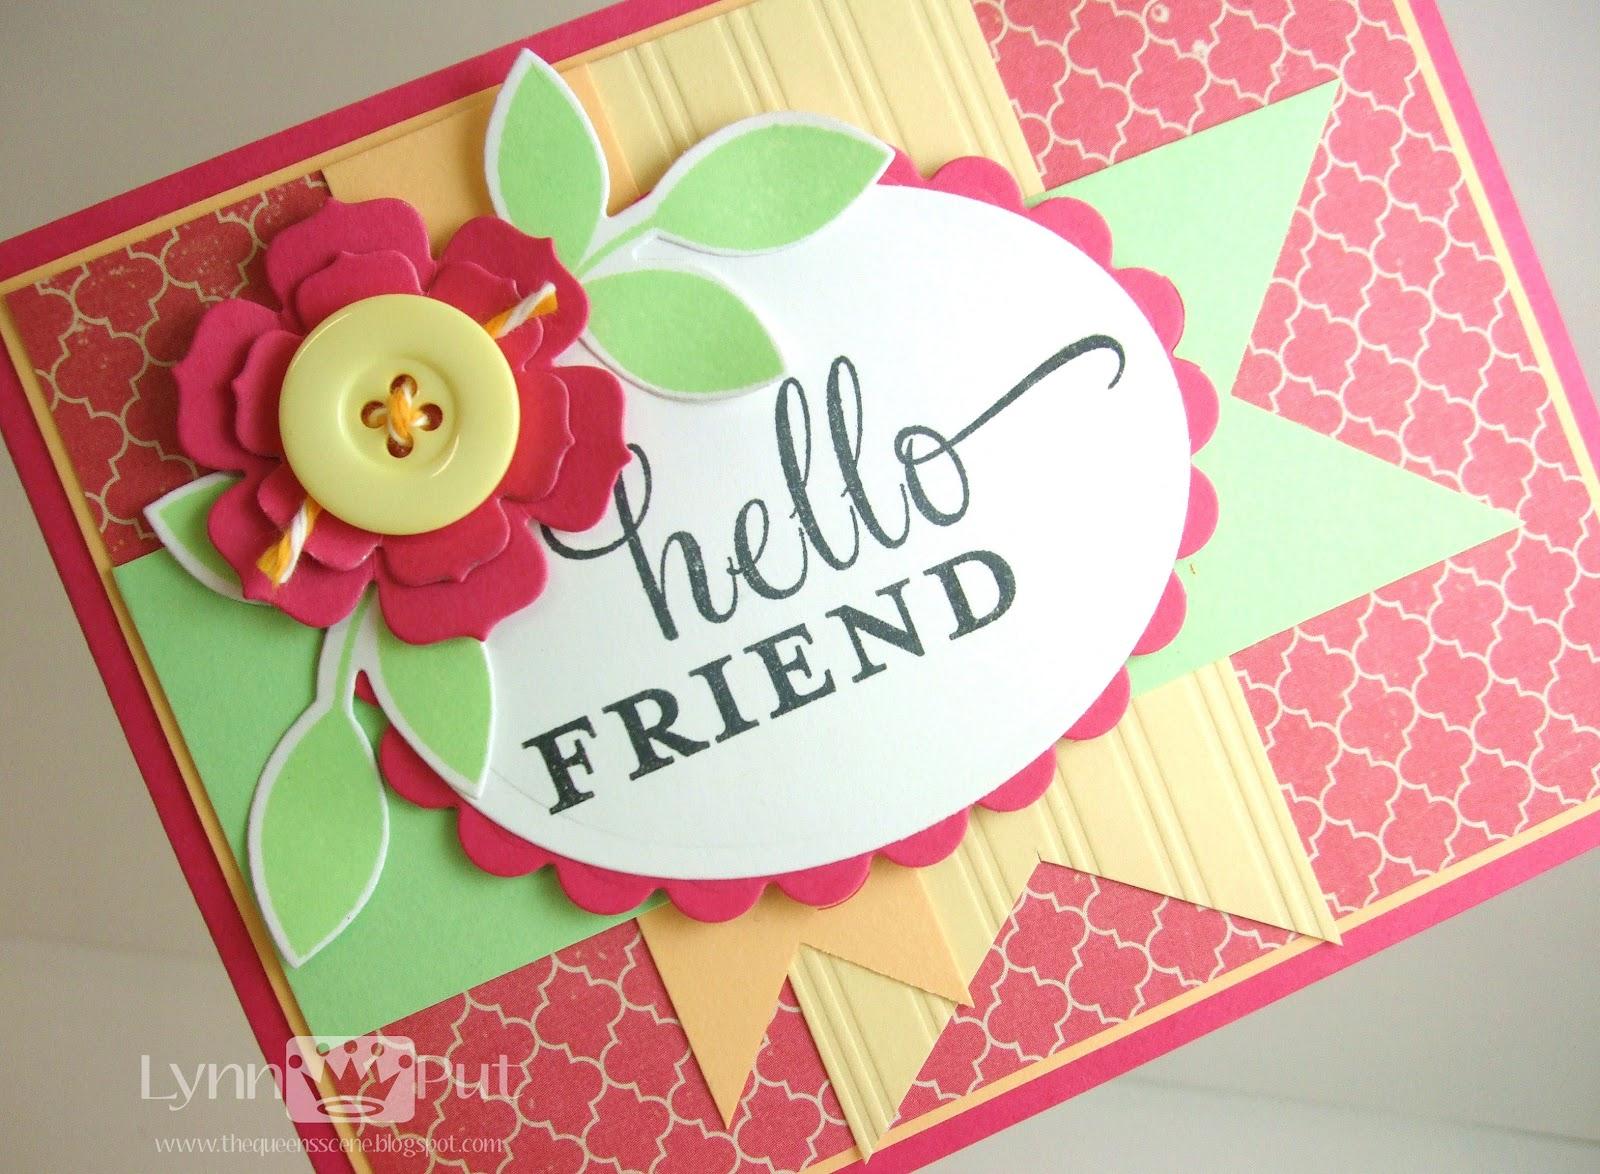 http://3.bp.blogspot.com/-7Z9_Su6x1n0/UD0U3EX9DNI/AAAAAAAAGTM/MkhAXysQI8g/s1600/PTI+Think+Big+Favorites+%233+Hello+Friend+Close+Up+copy.jpg Hello New Friend